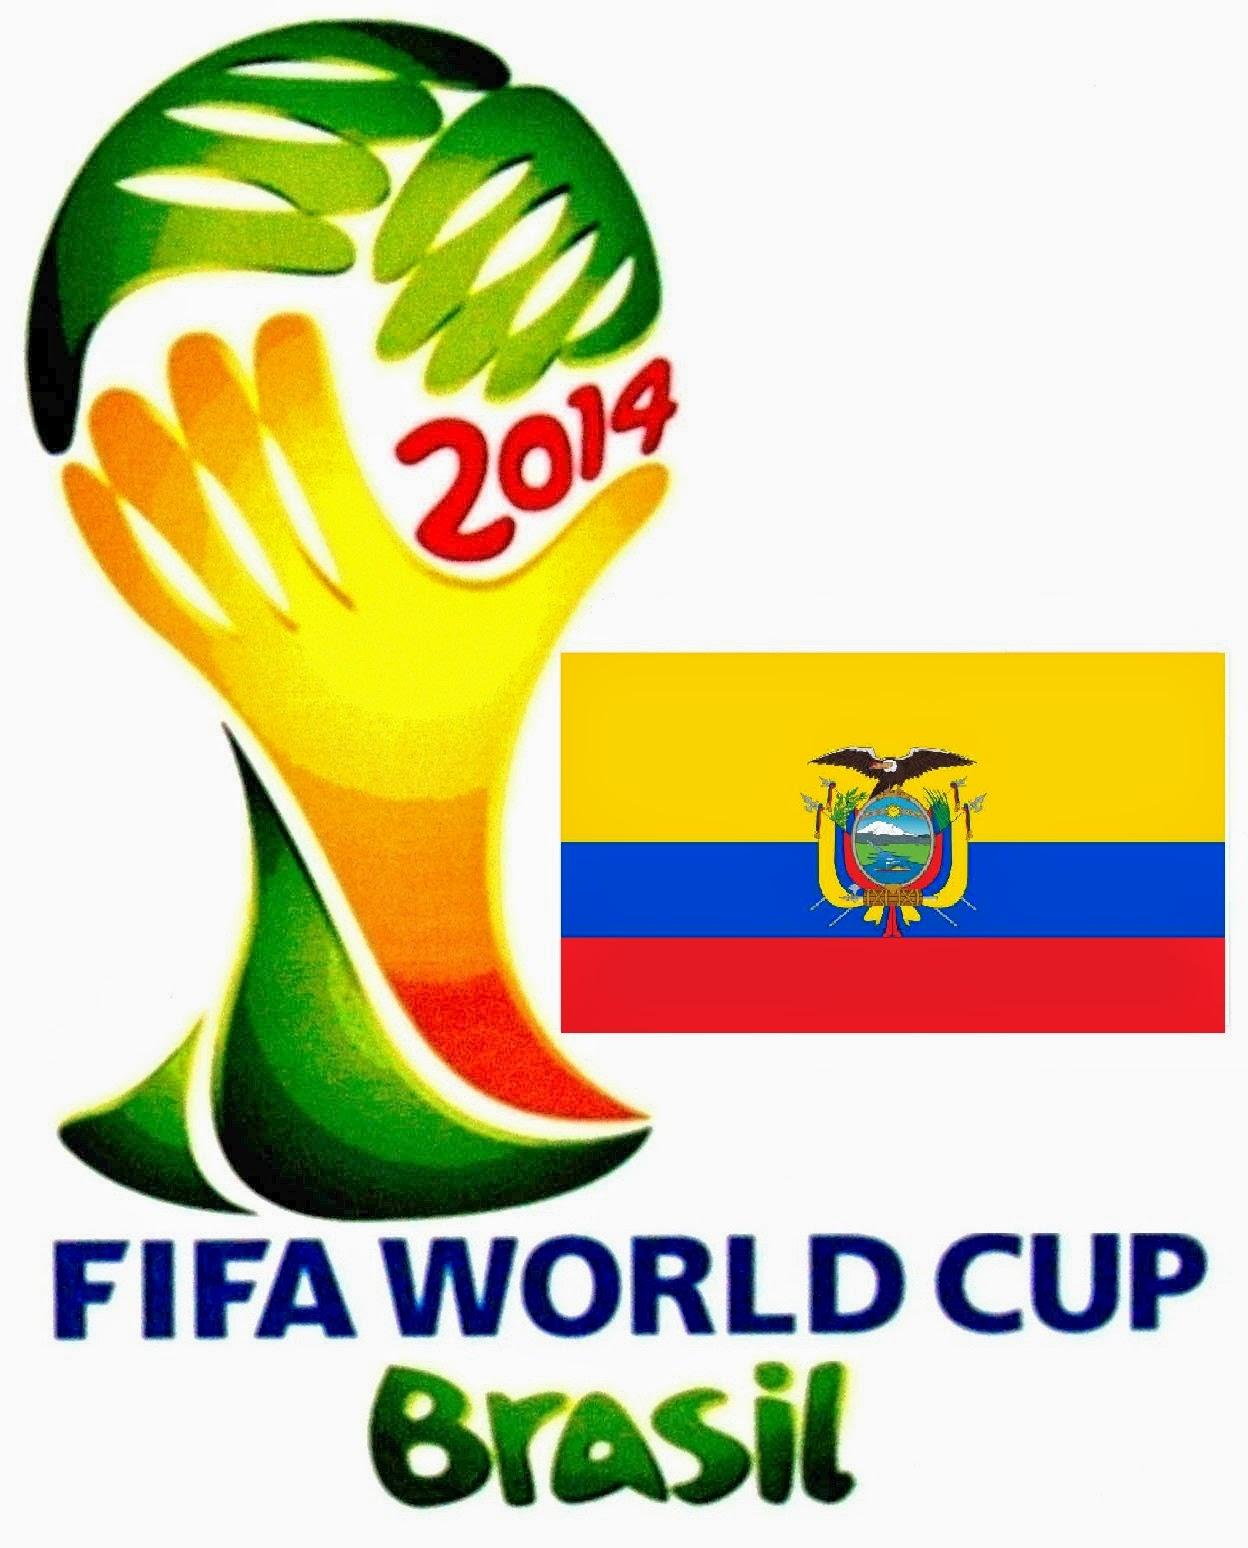 Daftar Nama Pemain Timnas Ekuador Piala Dunia 2014